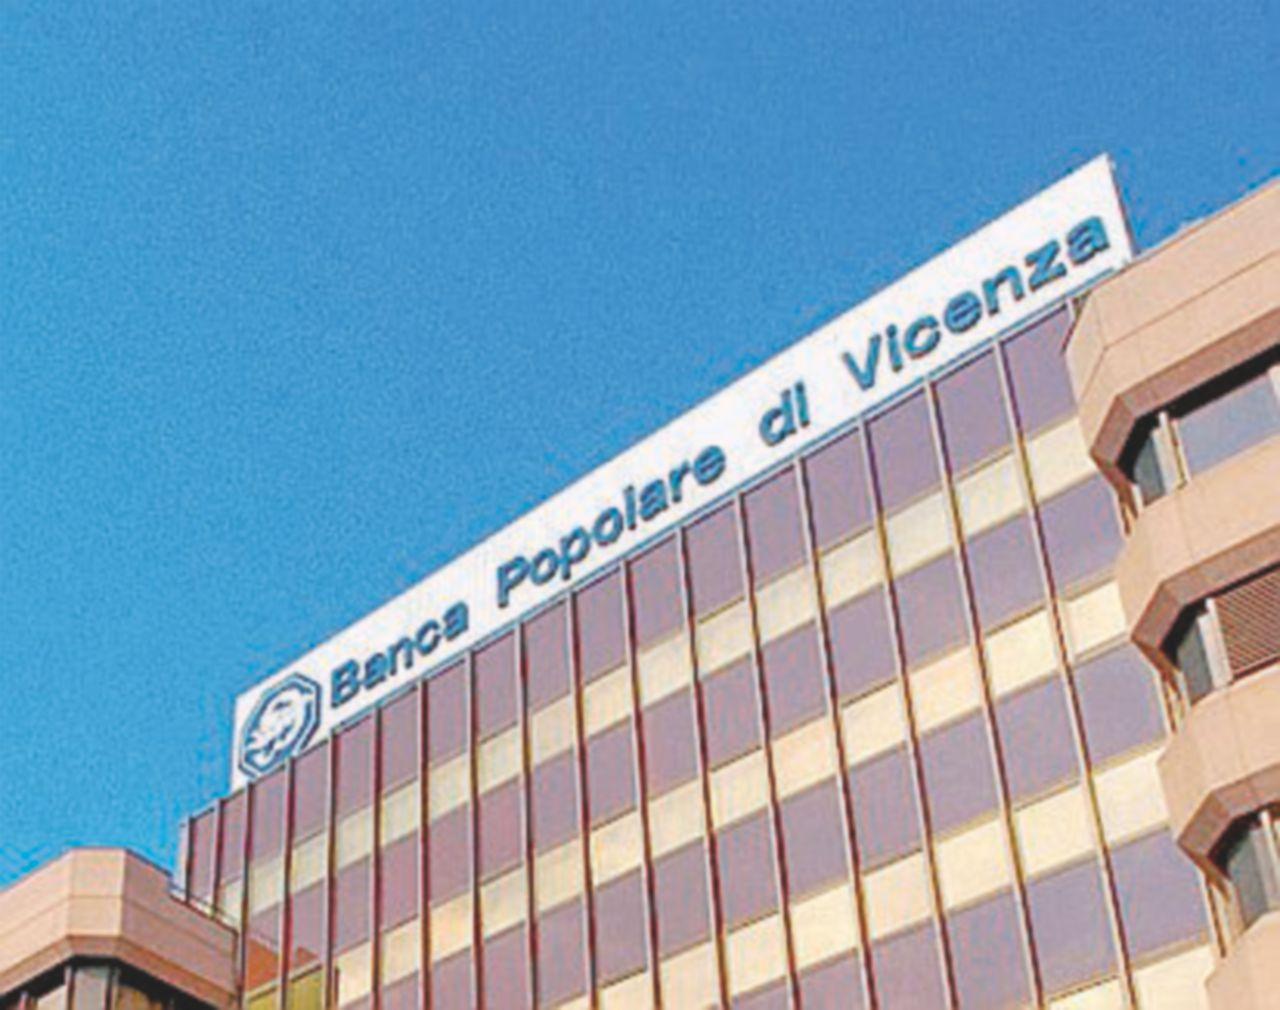 La Popolare di Vicenza perde e deve risarcire i suoi clienti